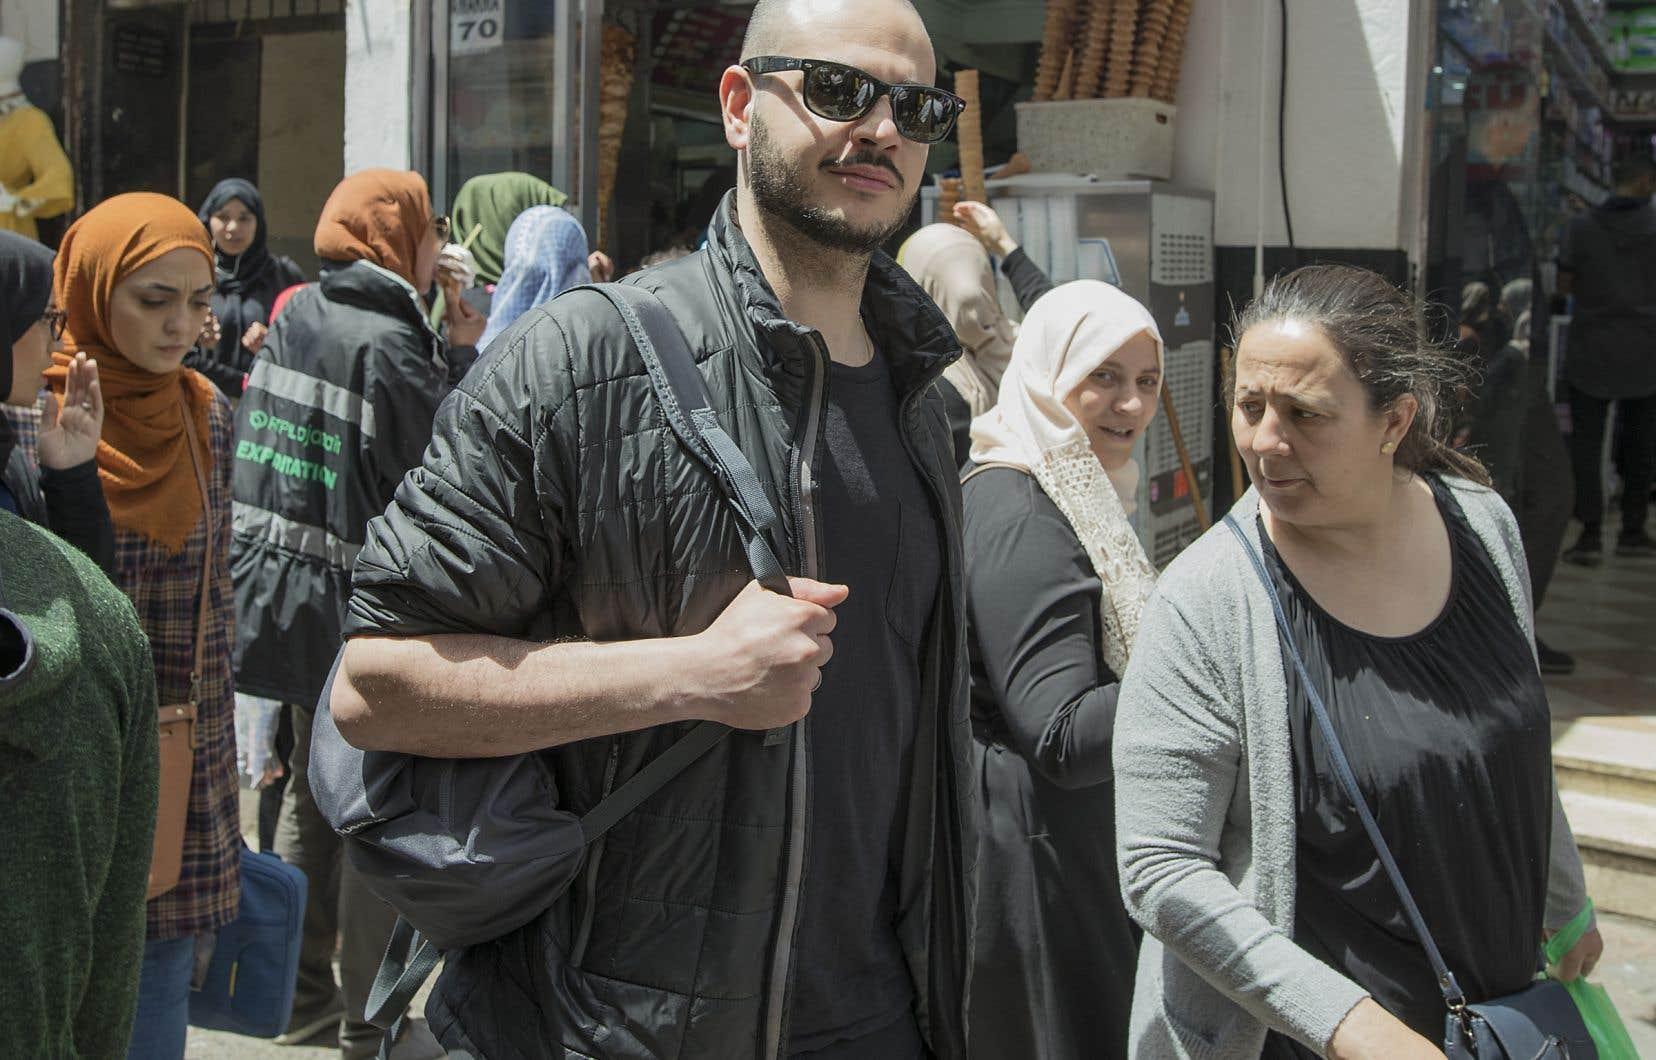 Le Québécois d'origine algérienne Mehdi Amir vit depuis l'âge de dix ans à Rimouski. Pour la première fois depuis 19 ans, il est retourné dans son pays natal.